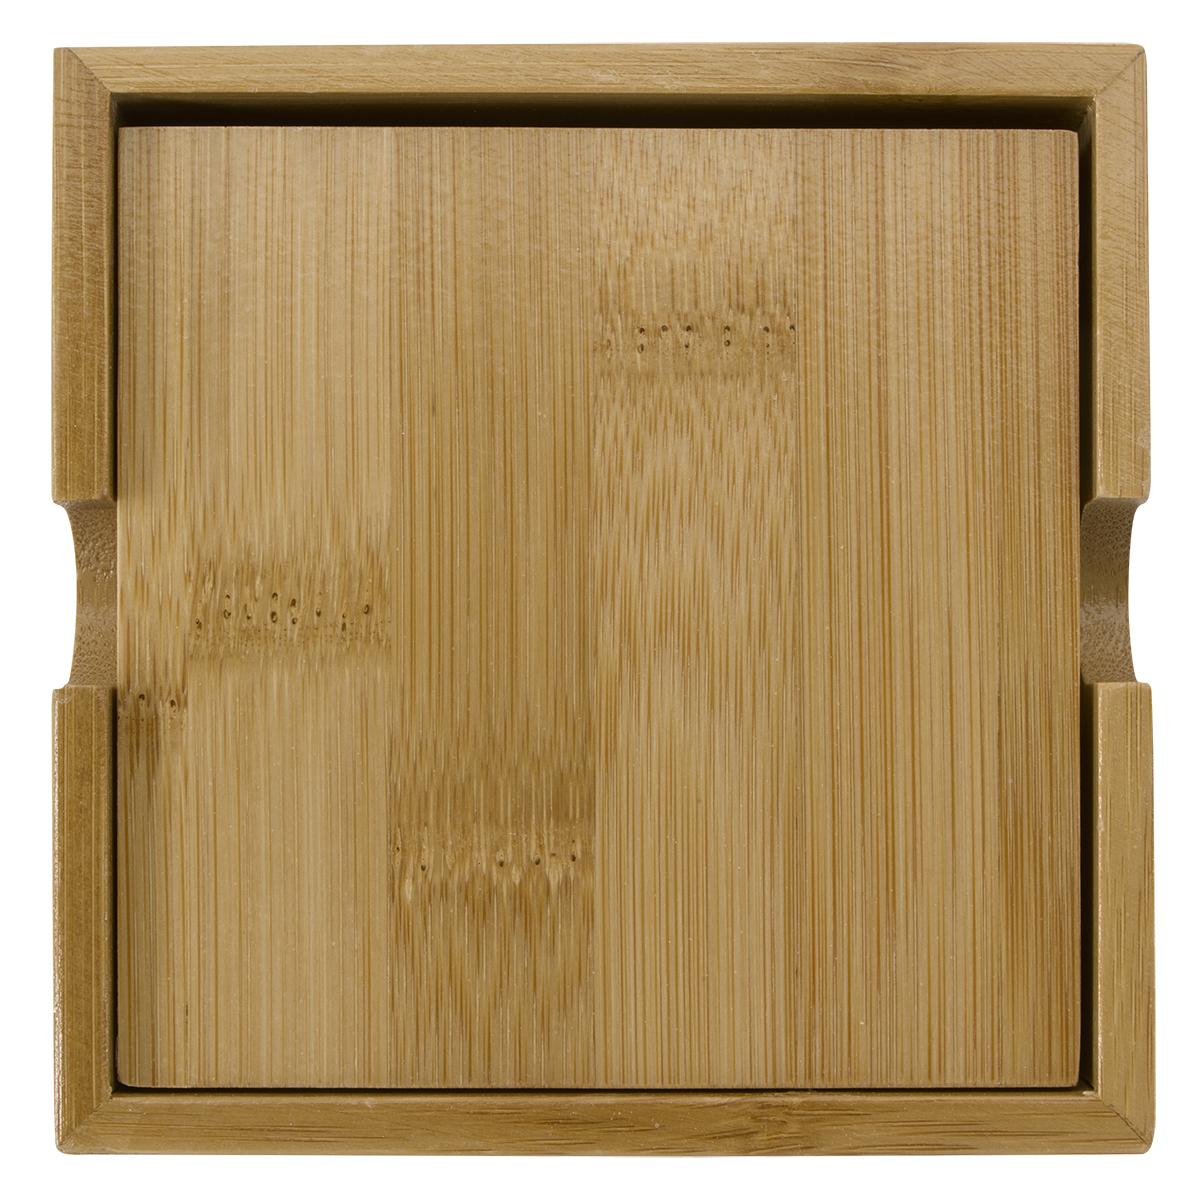 2209 - Set de porta vasos de bambú